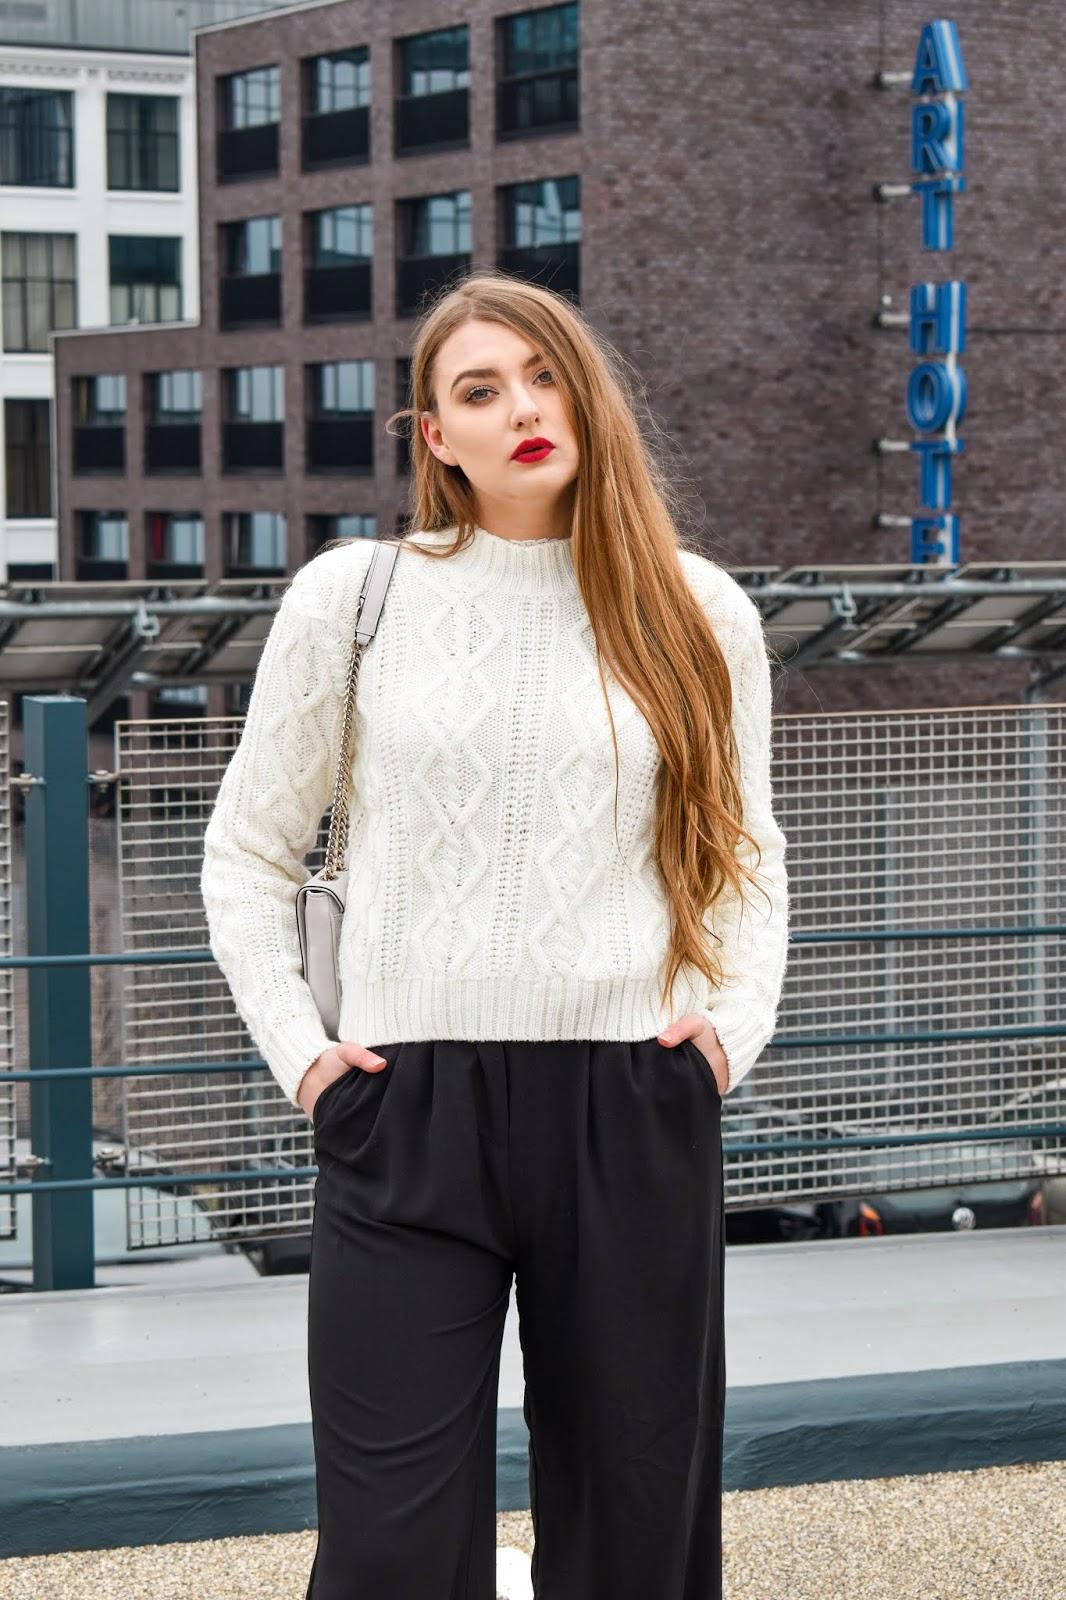 Swetry do eleganckich stylizacji